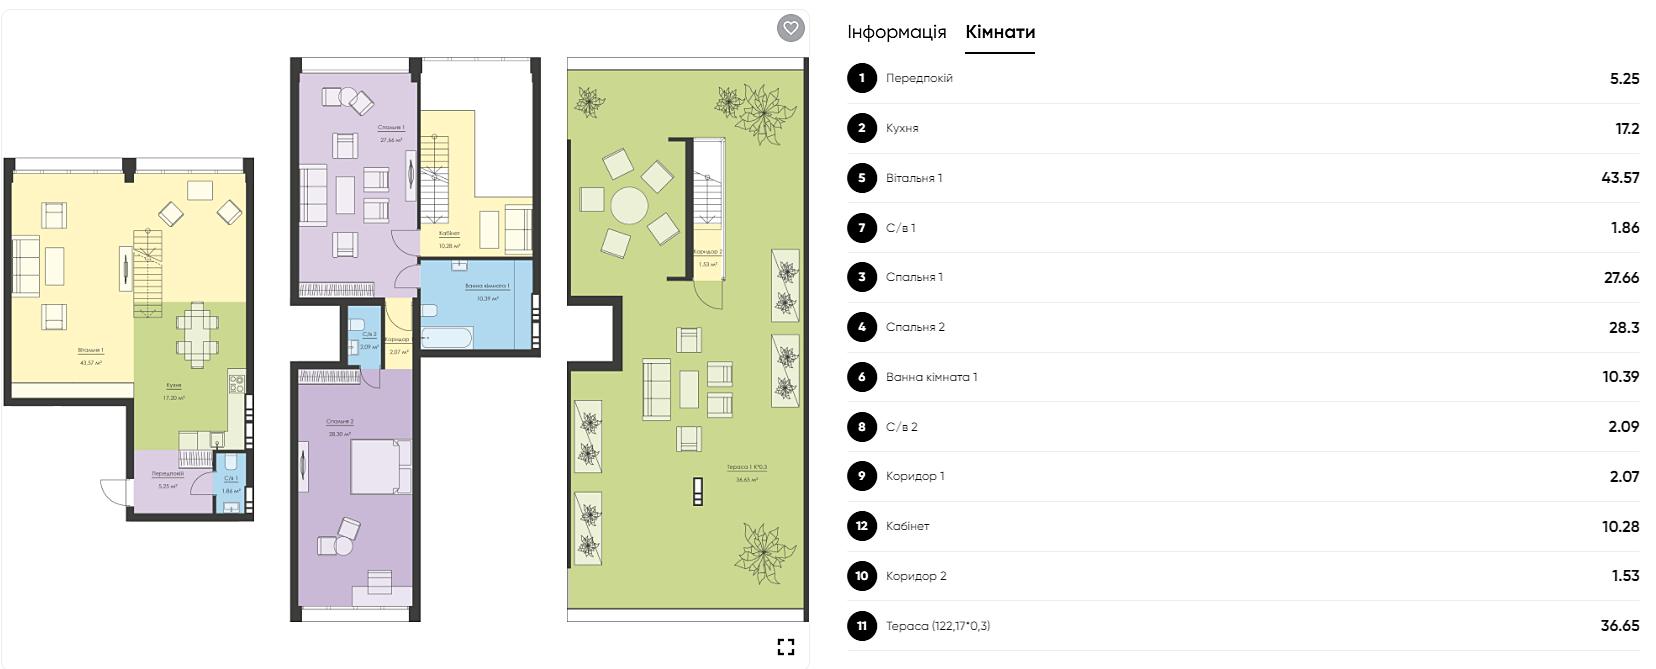 ЖК Новый Подол вариант планировки трехуровневой квартиры